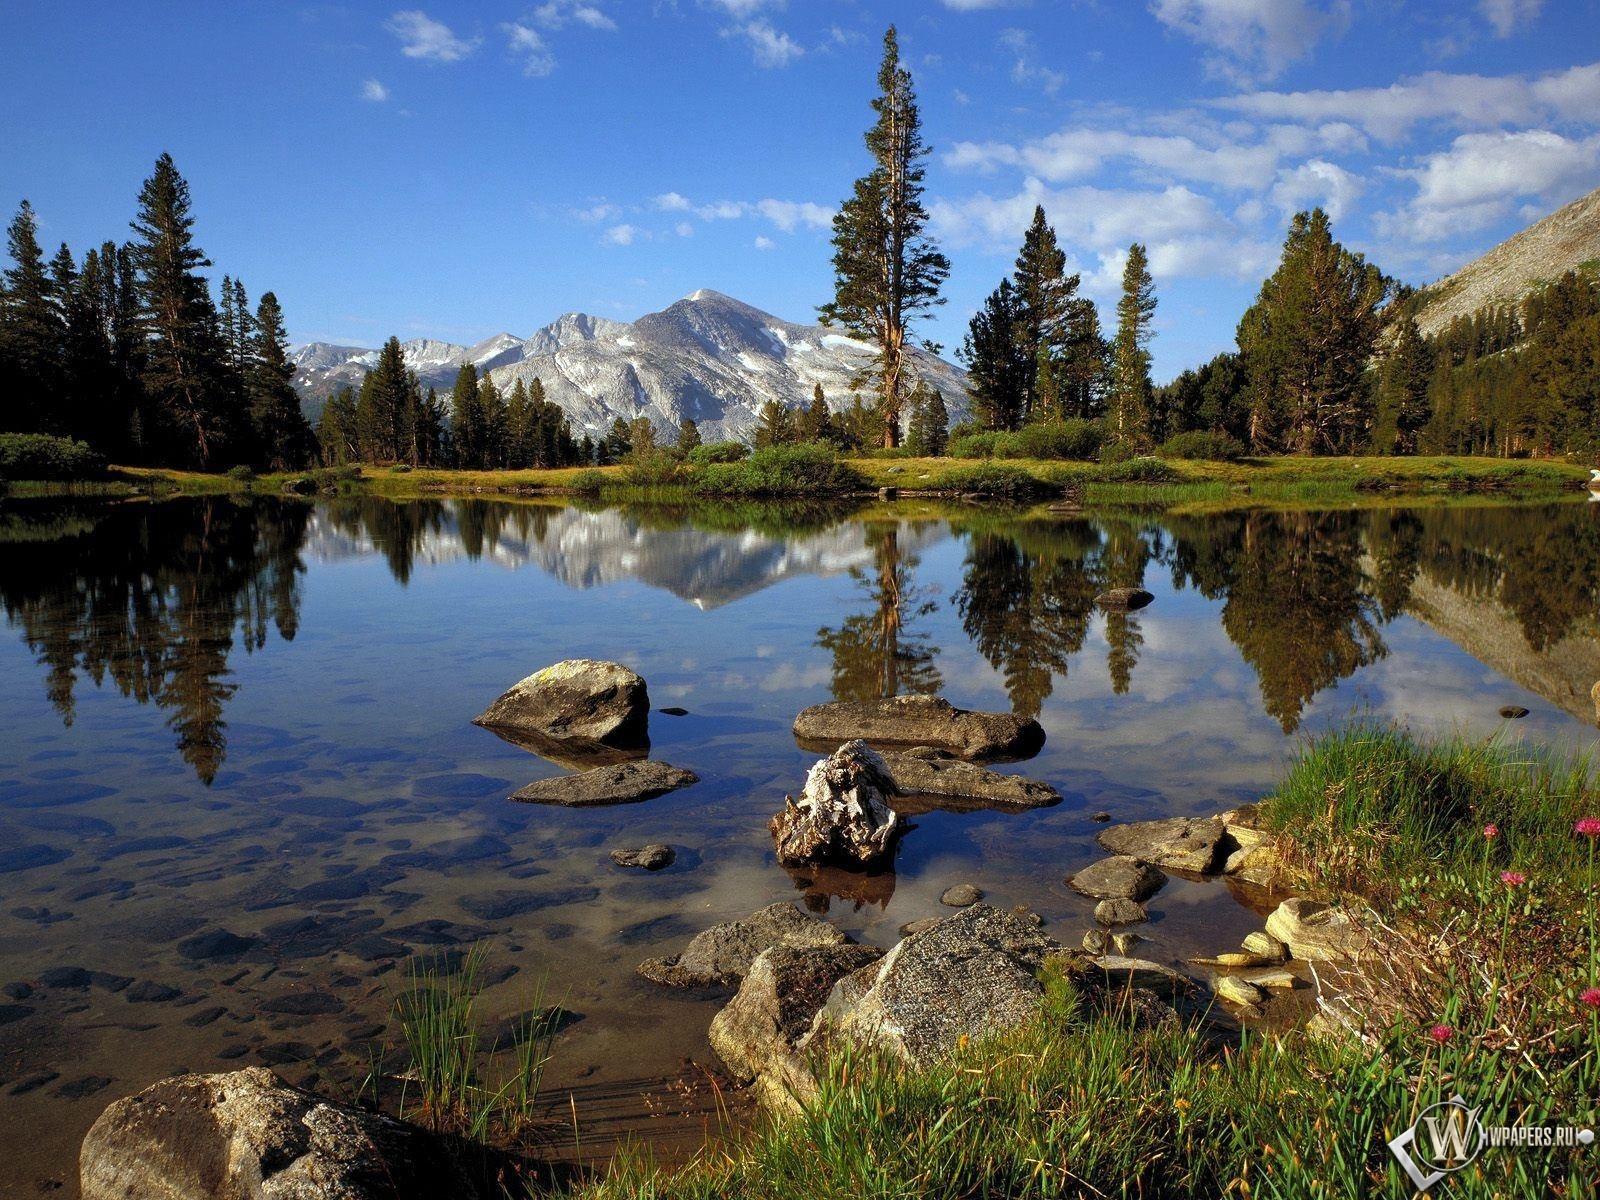 Озеро в горах 1600x1200